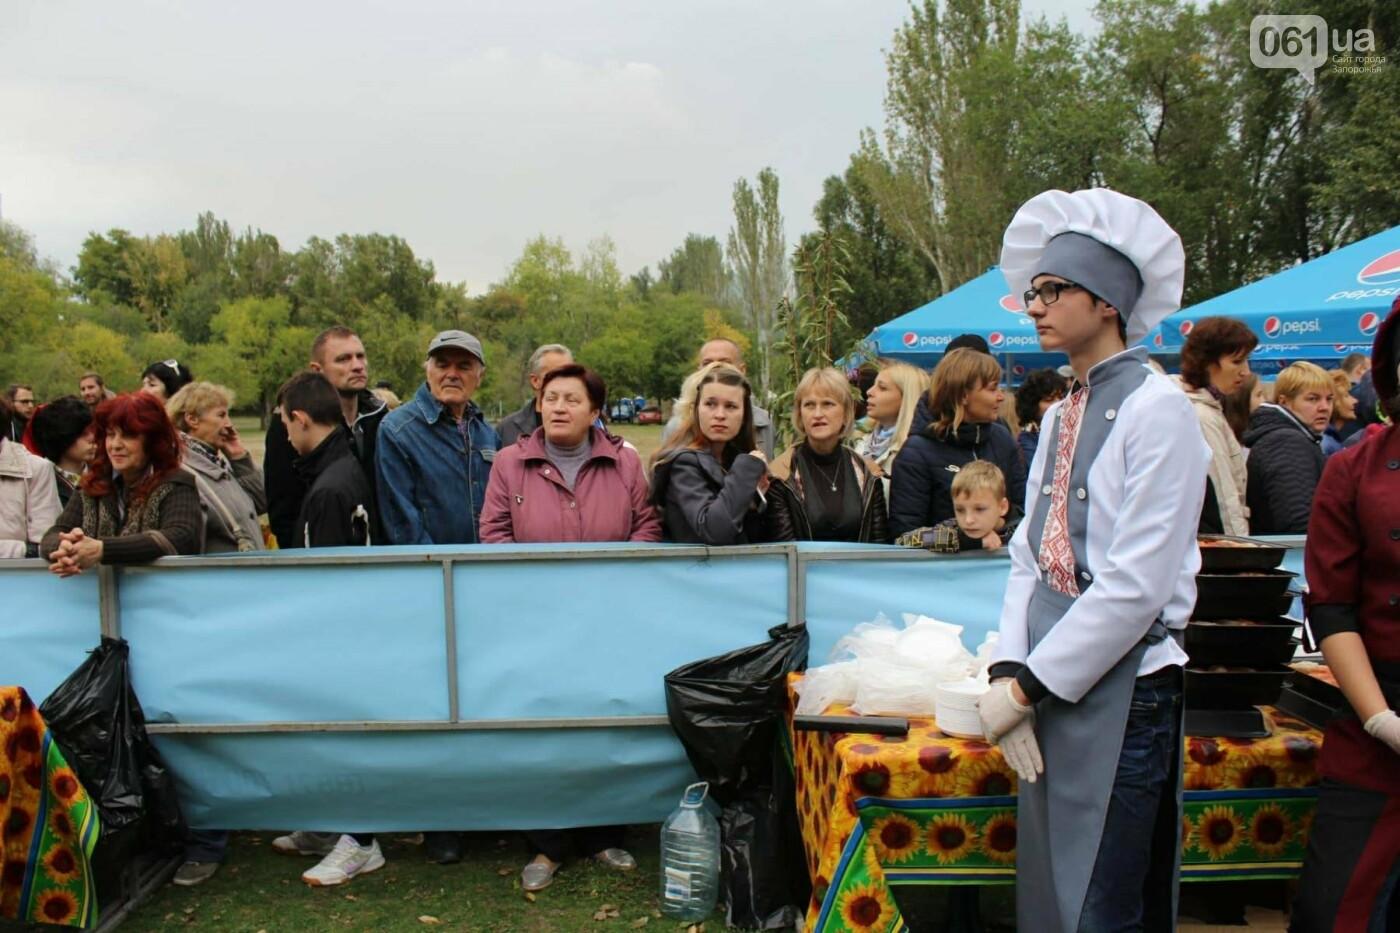 В Запорожье на ярмарке под баян начали раздавать голубцы: пока без драк, - ФОТОРЕПОРТАЖ, фото-20